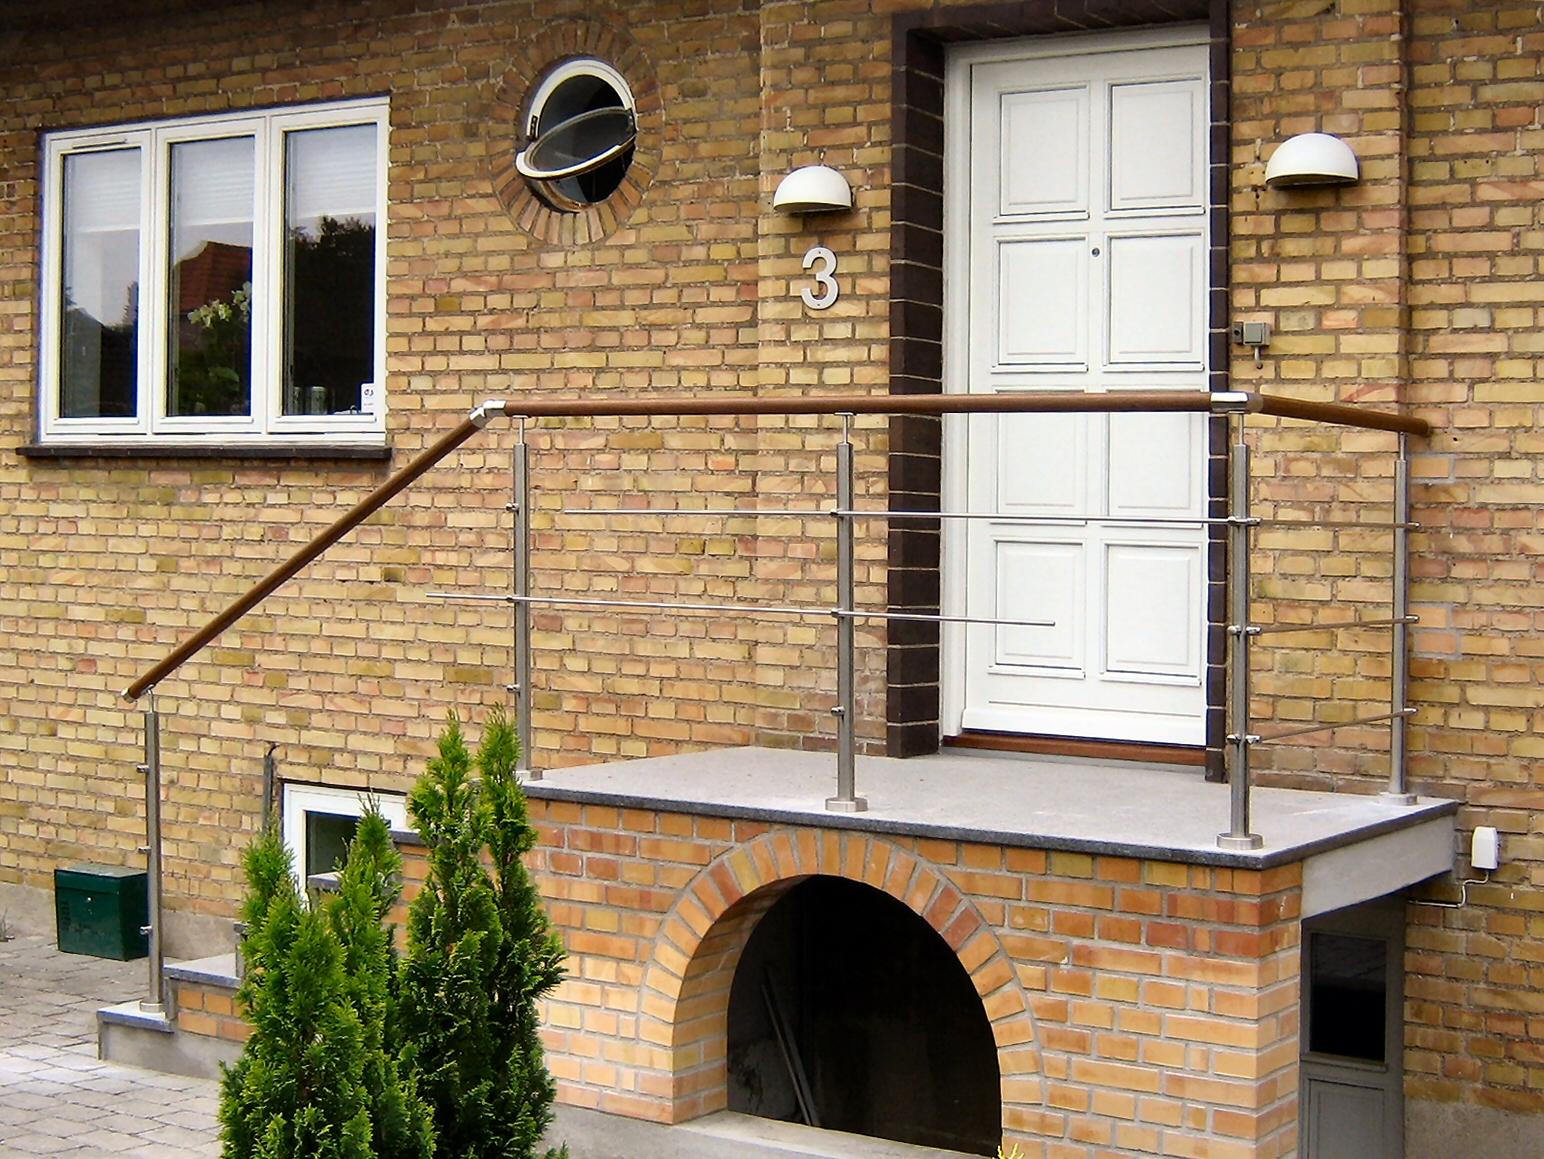 Hems rækværk,hems gelænder,på indskudt etage,hems rækværk ...